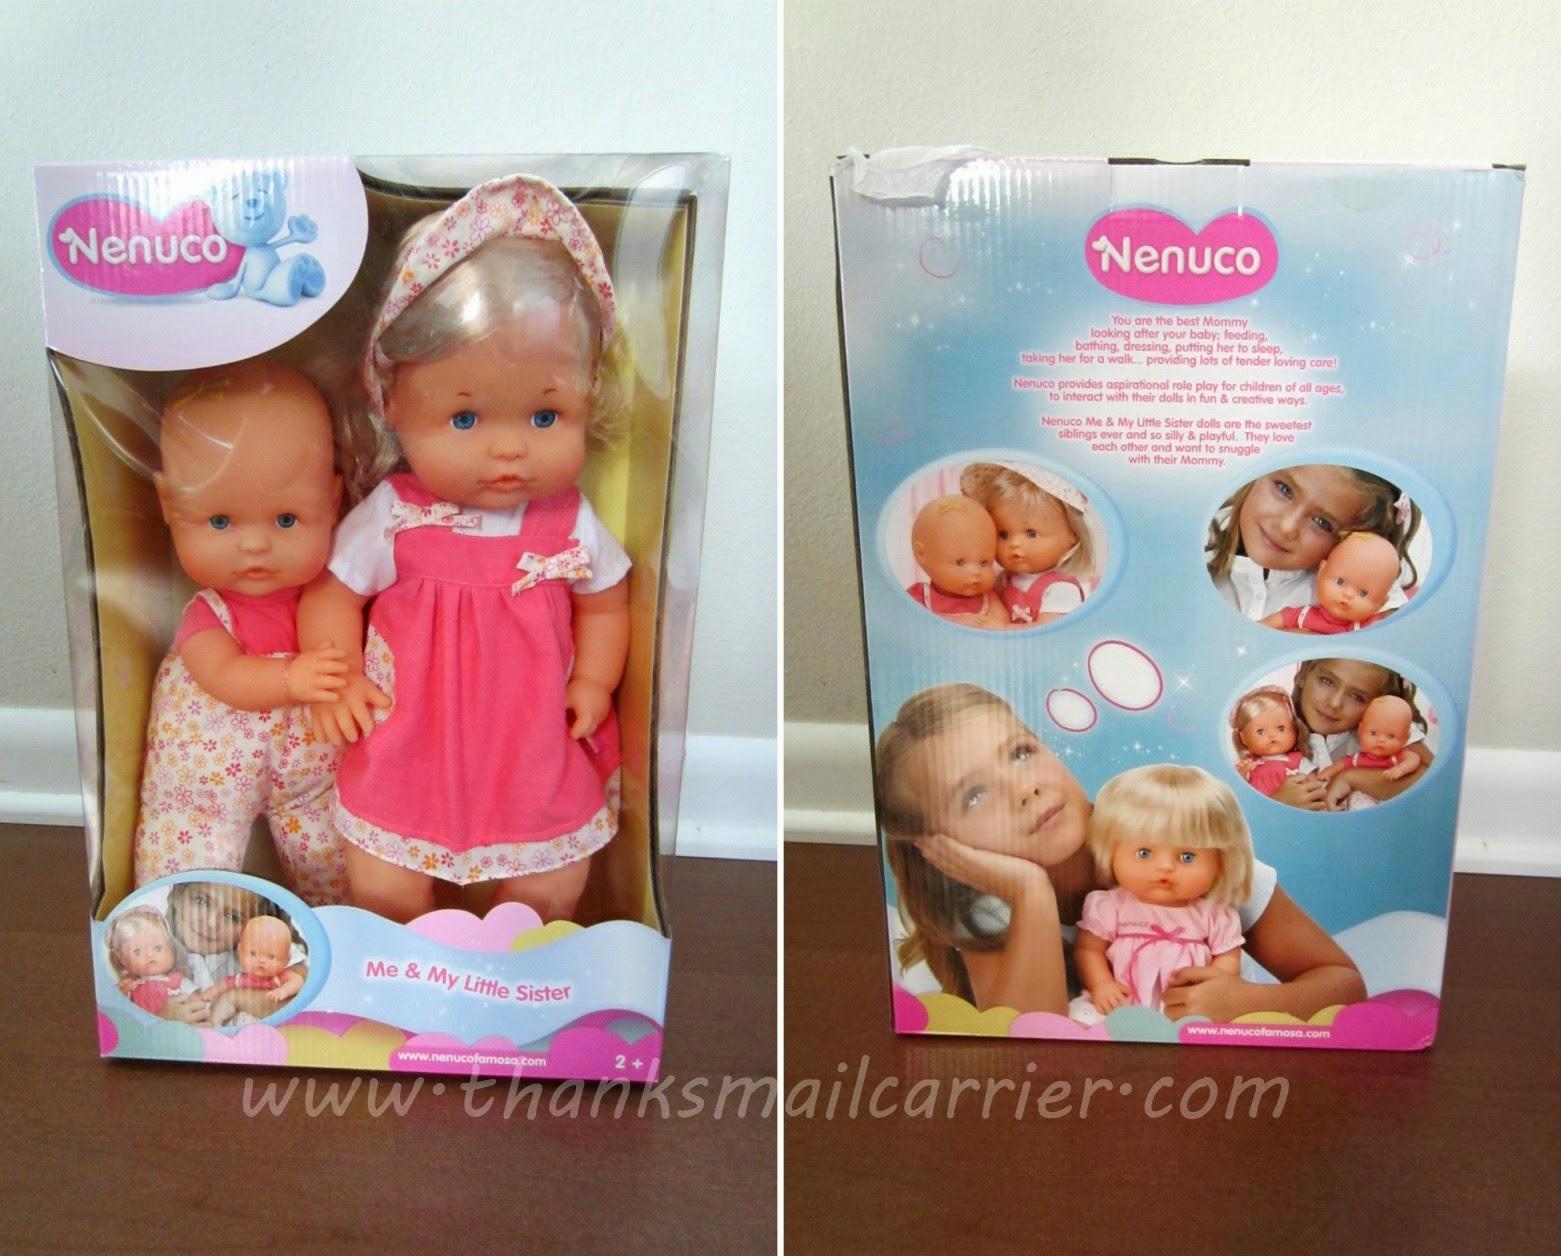 Nenuco sister dolls